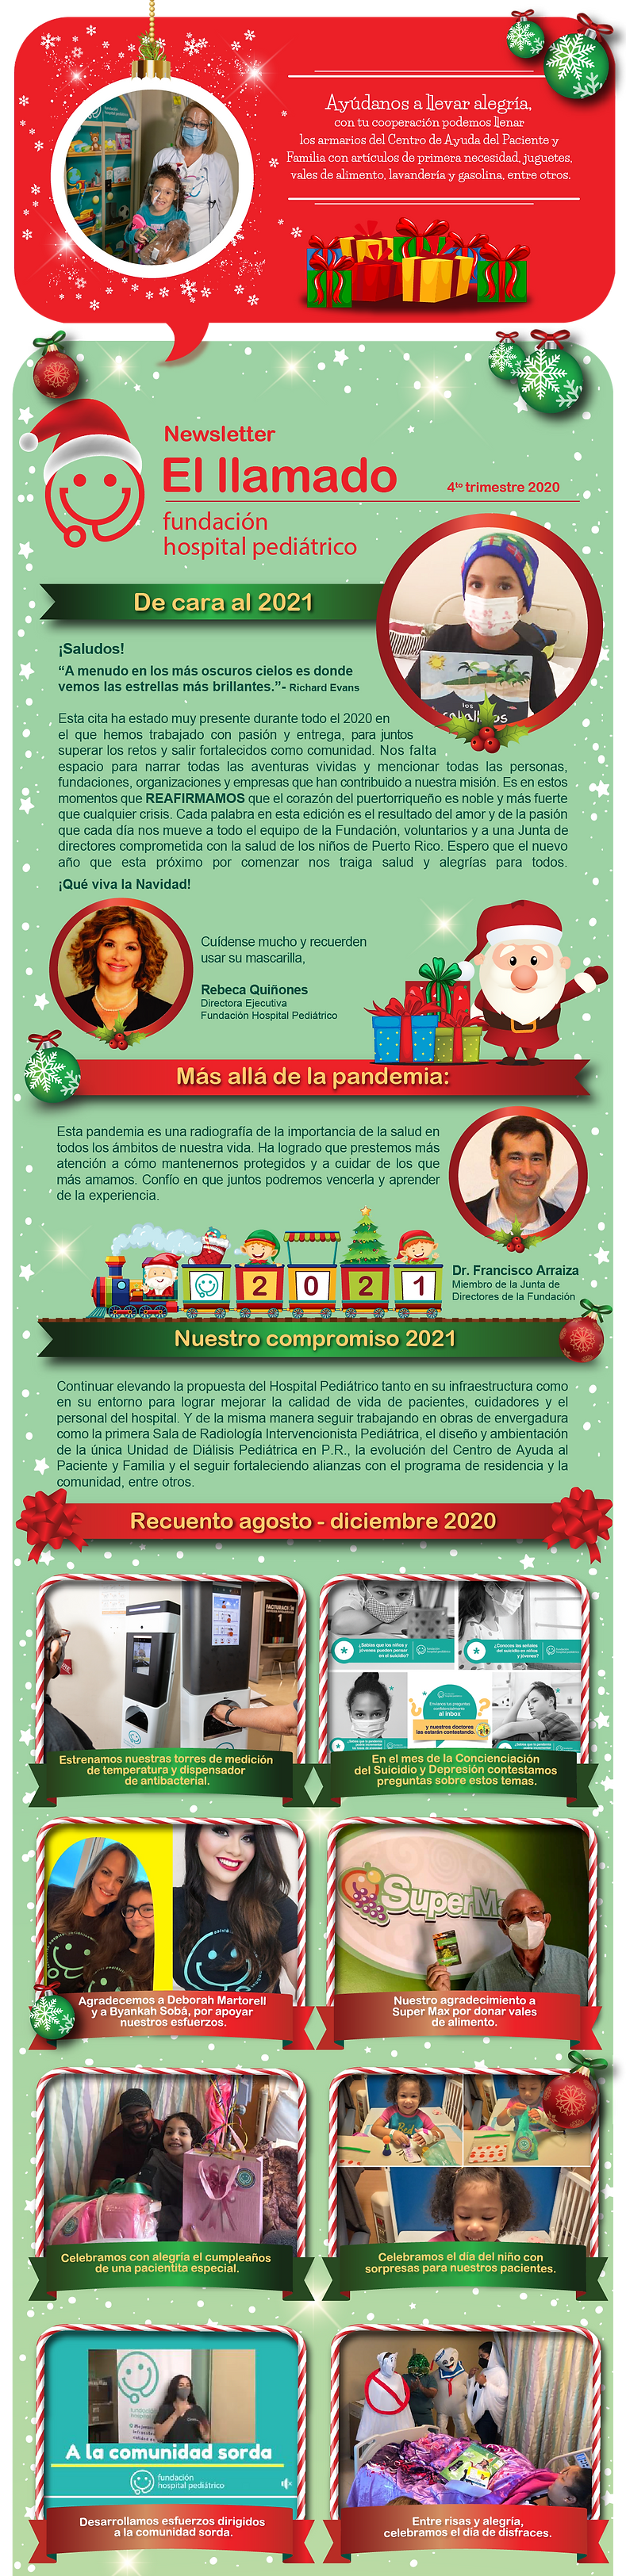 Fundación 20-12-15 News Letter Navidad